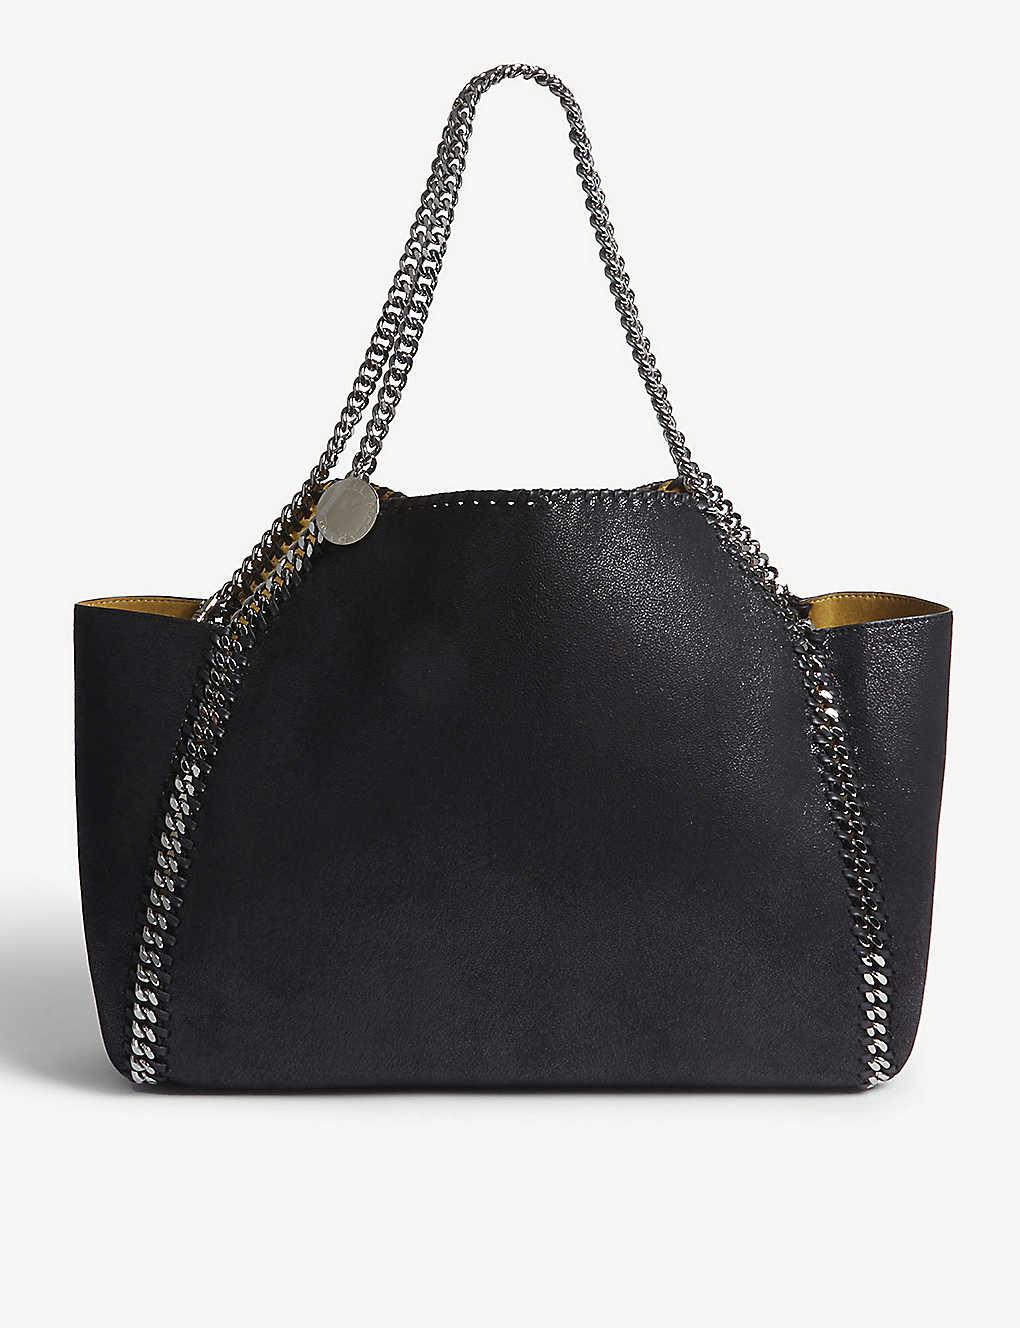 375198ae7731 STELLA MCCARTNEY - Falabella faux-leather shoulder bag